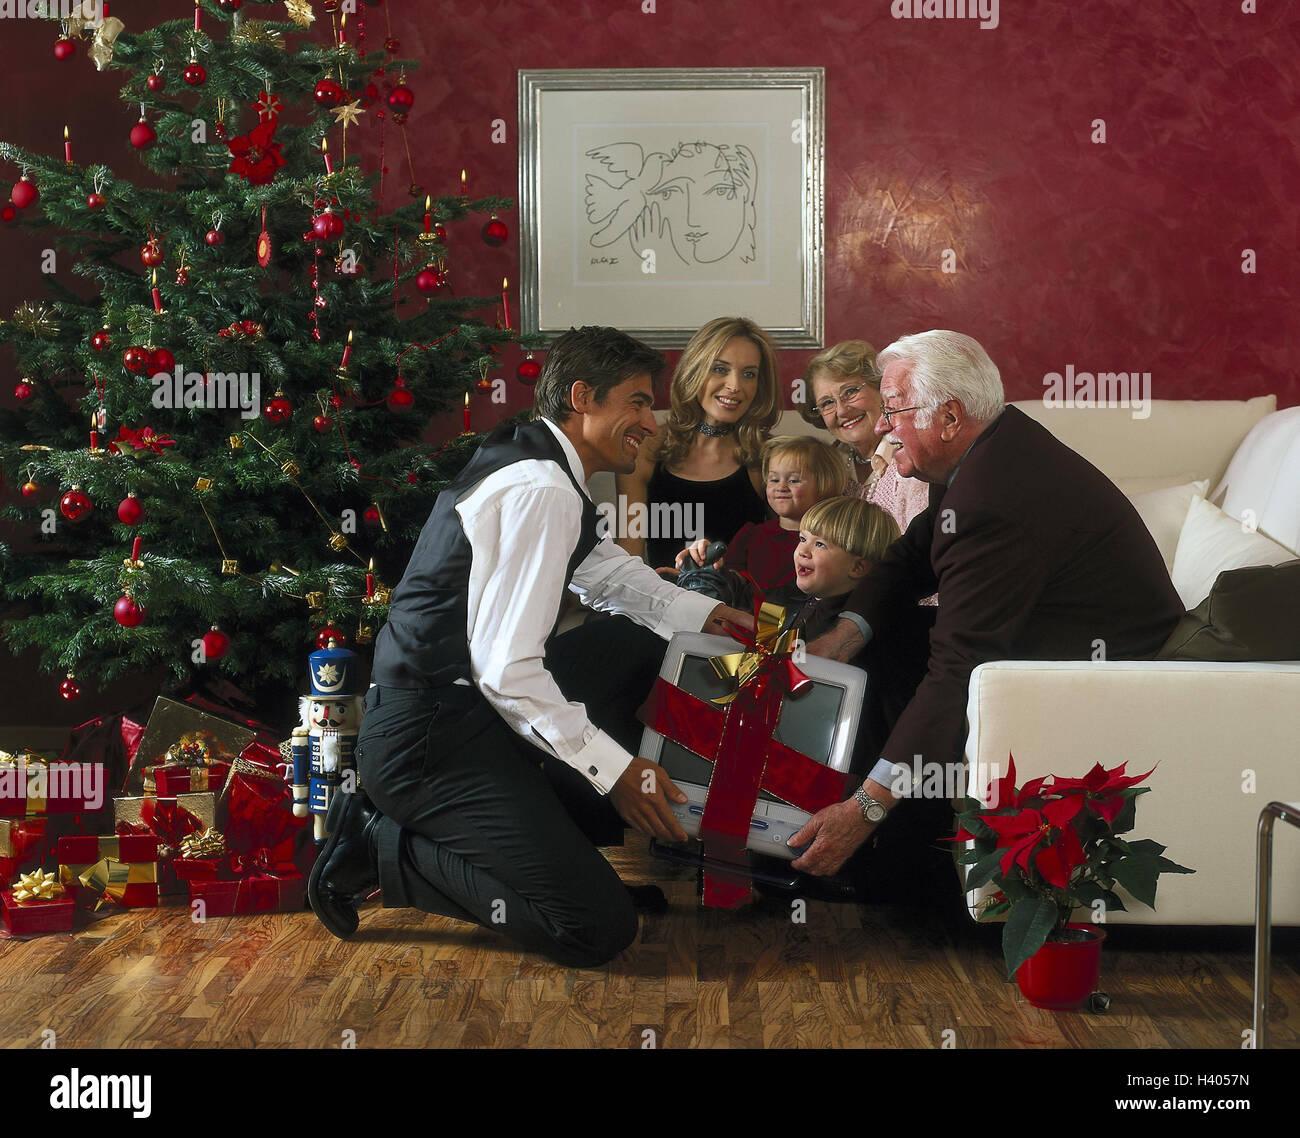 Familie, Weihnachten, Vertrieb präsentiert, stellt bitte, Wohnzimmer ...